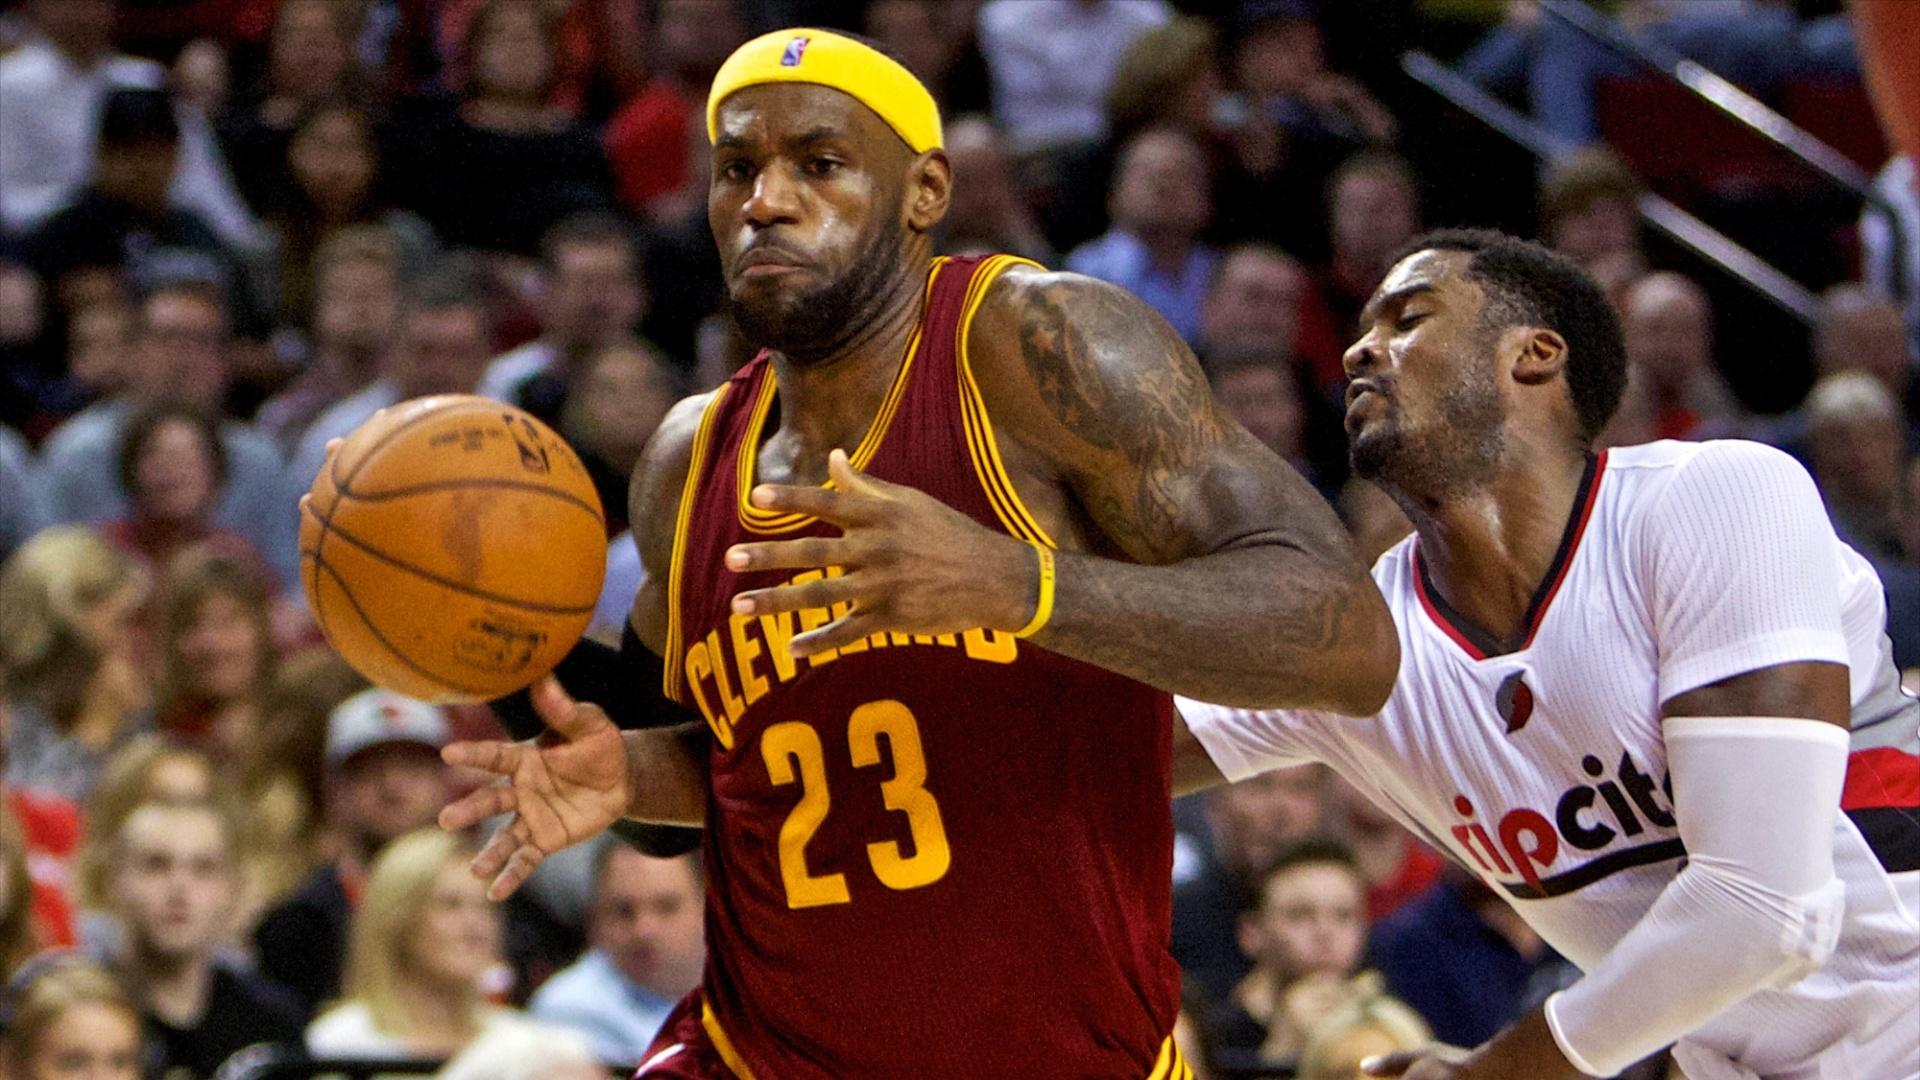 04.nov.2014 - LeBron James passa pela marcação na derrota do Cleveland Cavaliers para o Portland Trail Blazers